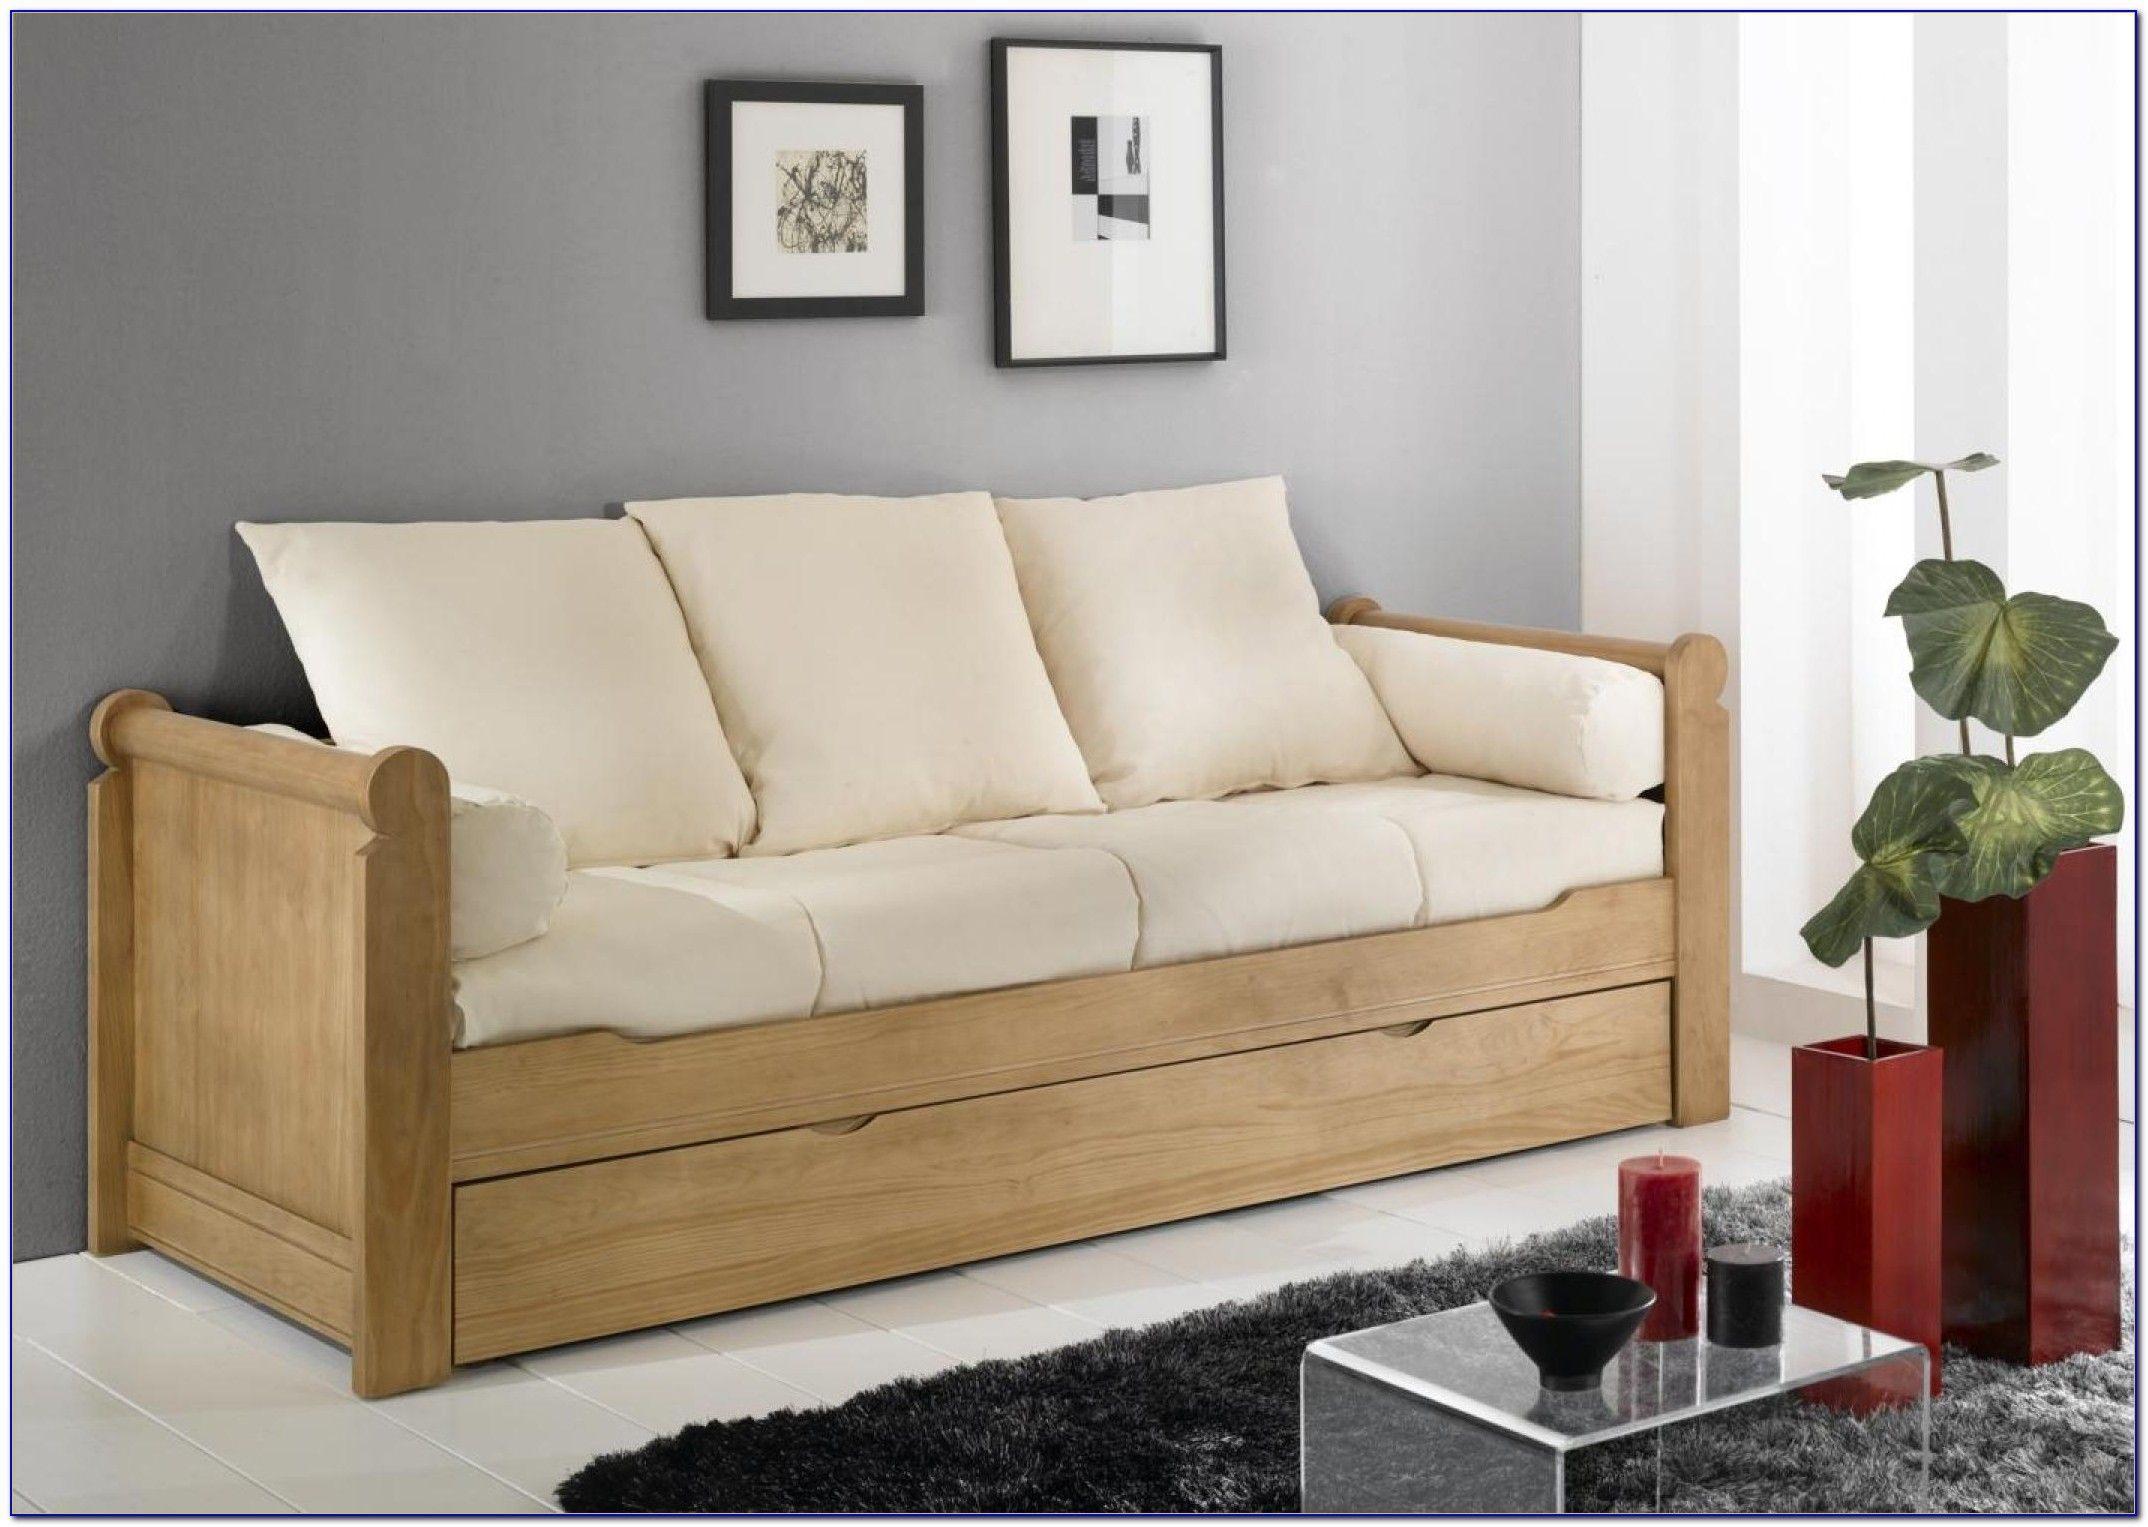 Lit Mezzanine Canapé Inspirant Entra Nant Conforama Lit Canapé Dans Luxury Canapé Lit Matelas